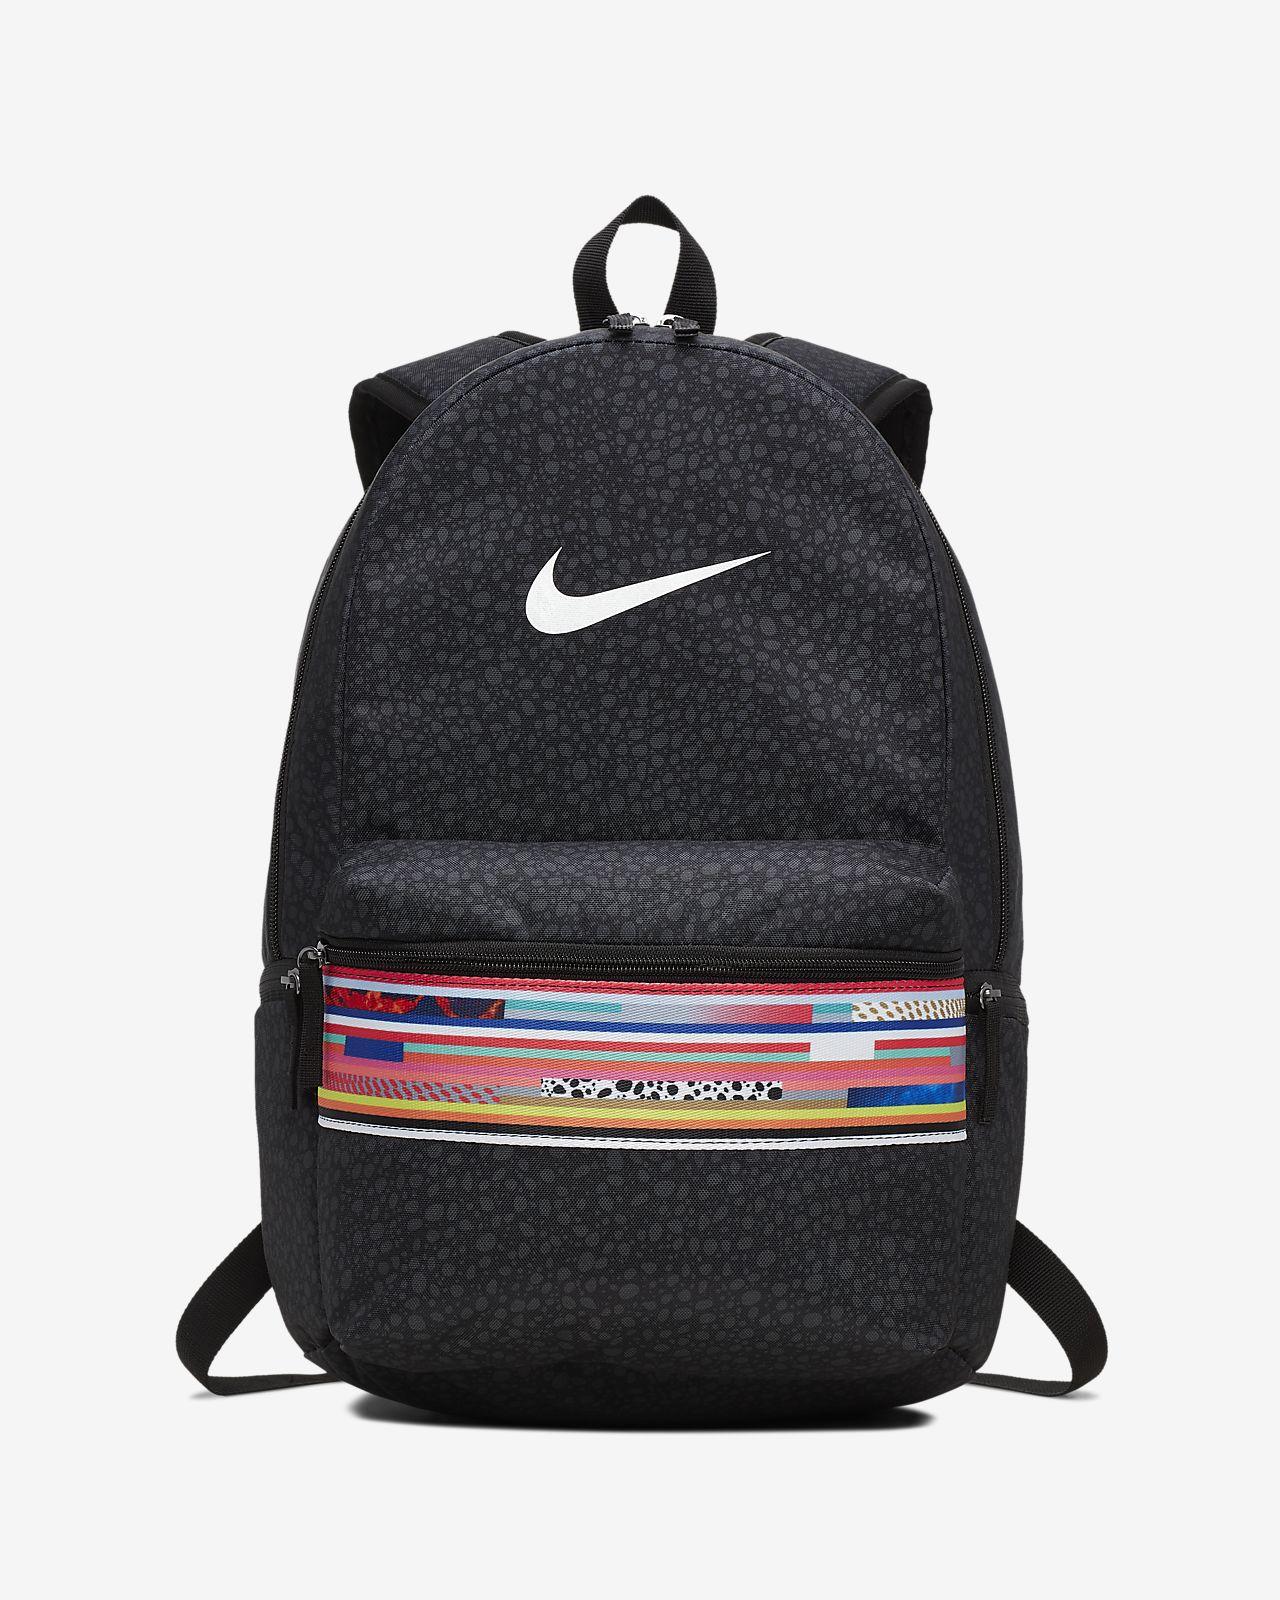 Mochila de futebol Nike Mercurial para criança